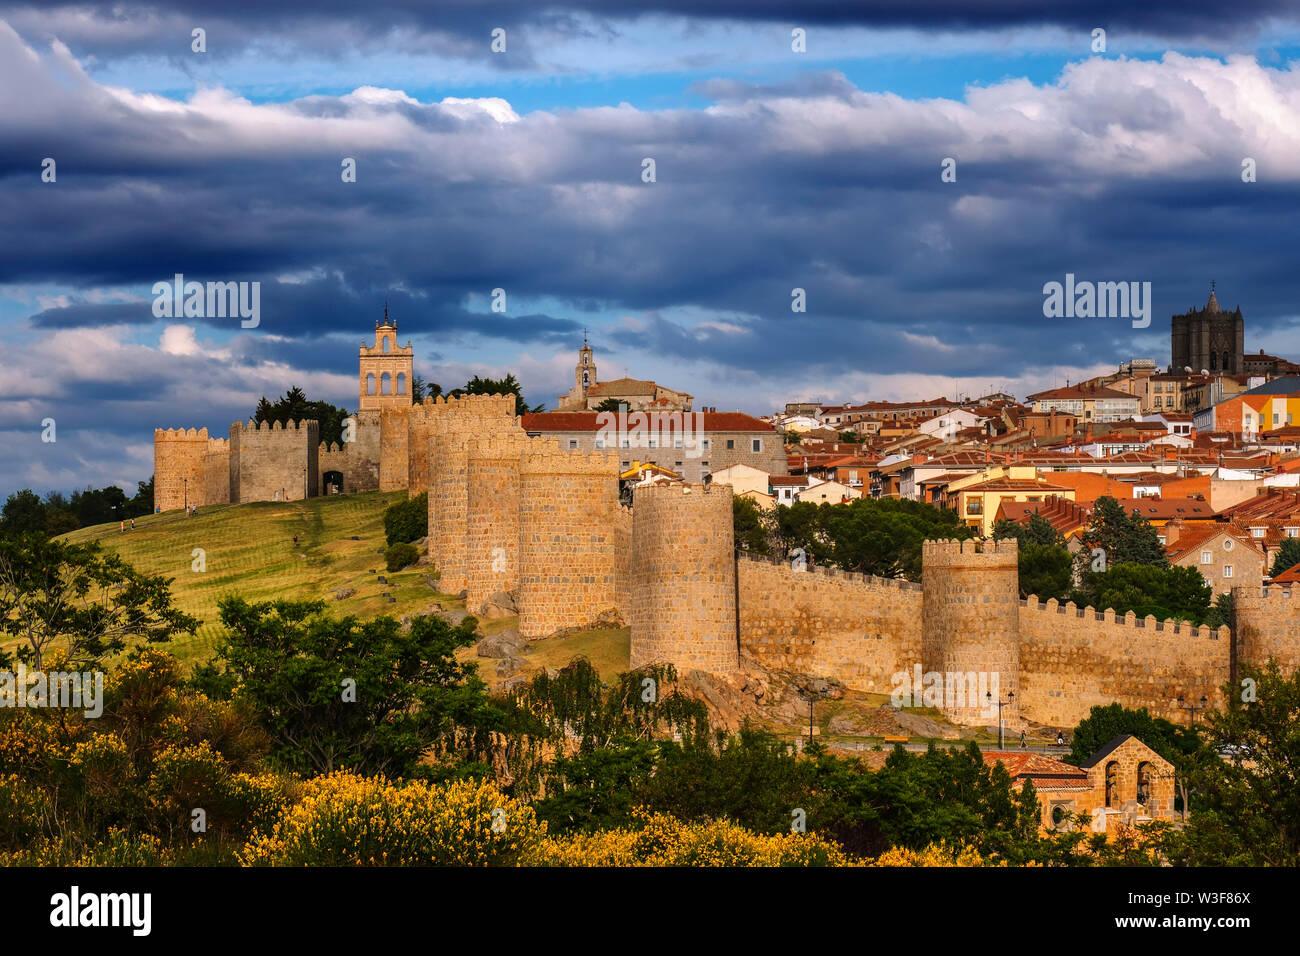 Paredes monumental medieval, Sitio del Patrimonio Mundial de la UNESCO. La ciudad de Ávila. Castilla y León, España Europa Foto de stock